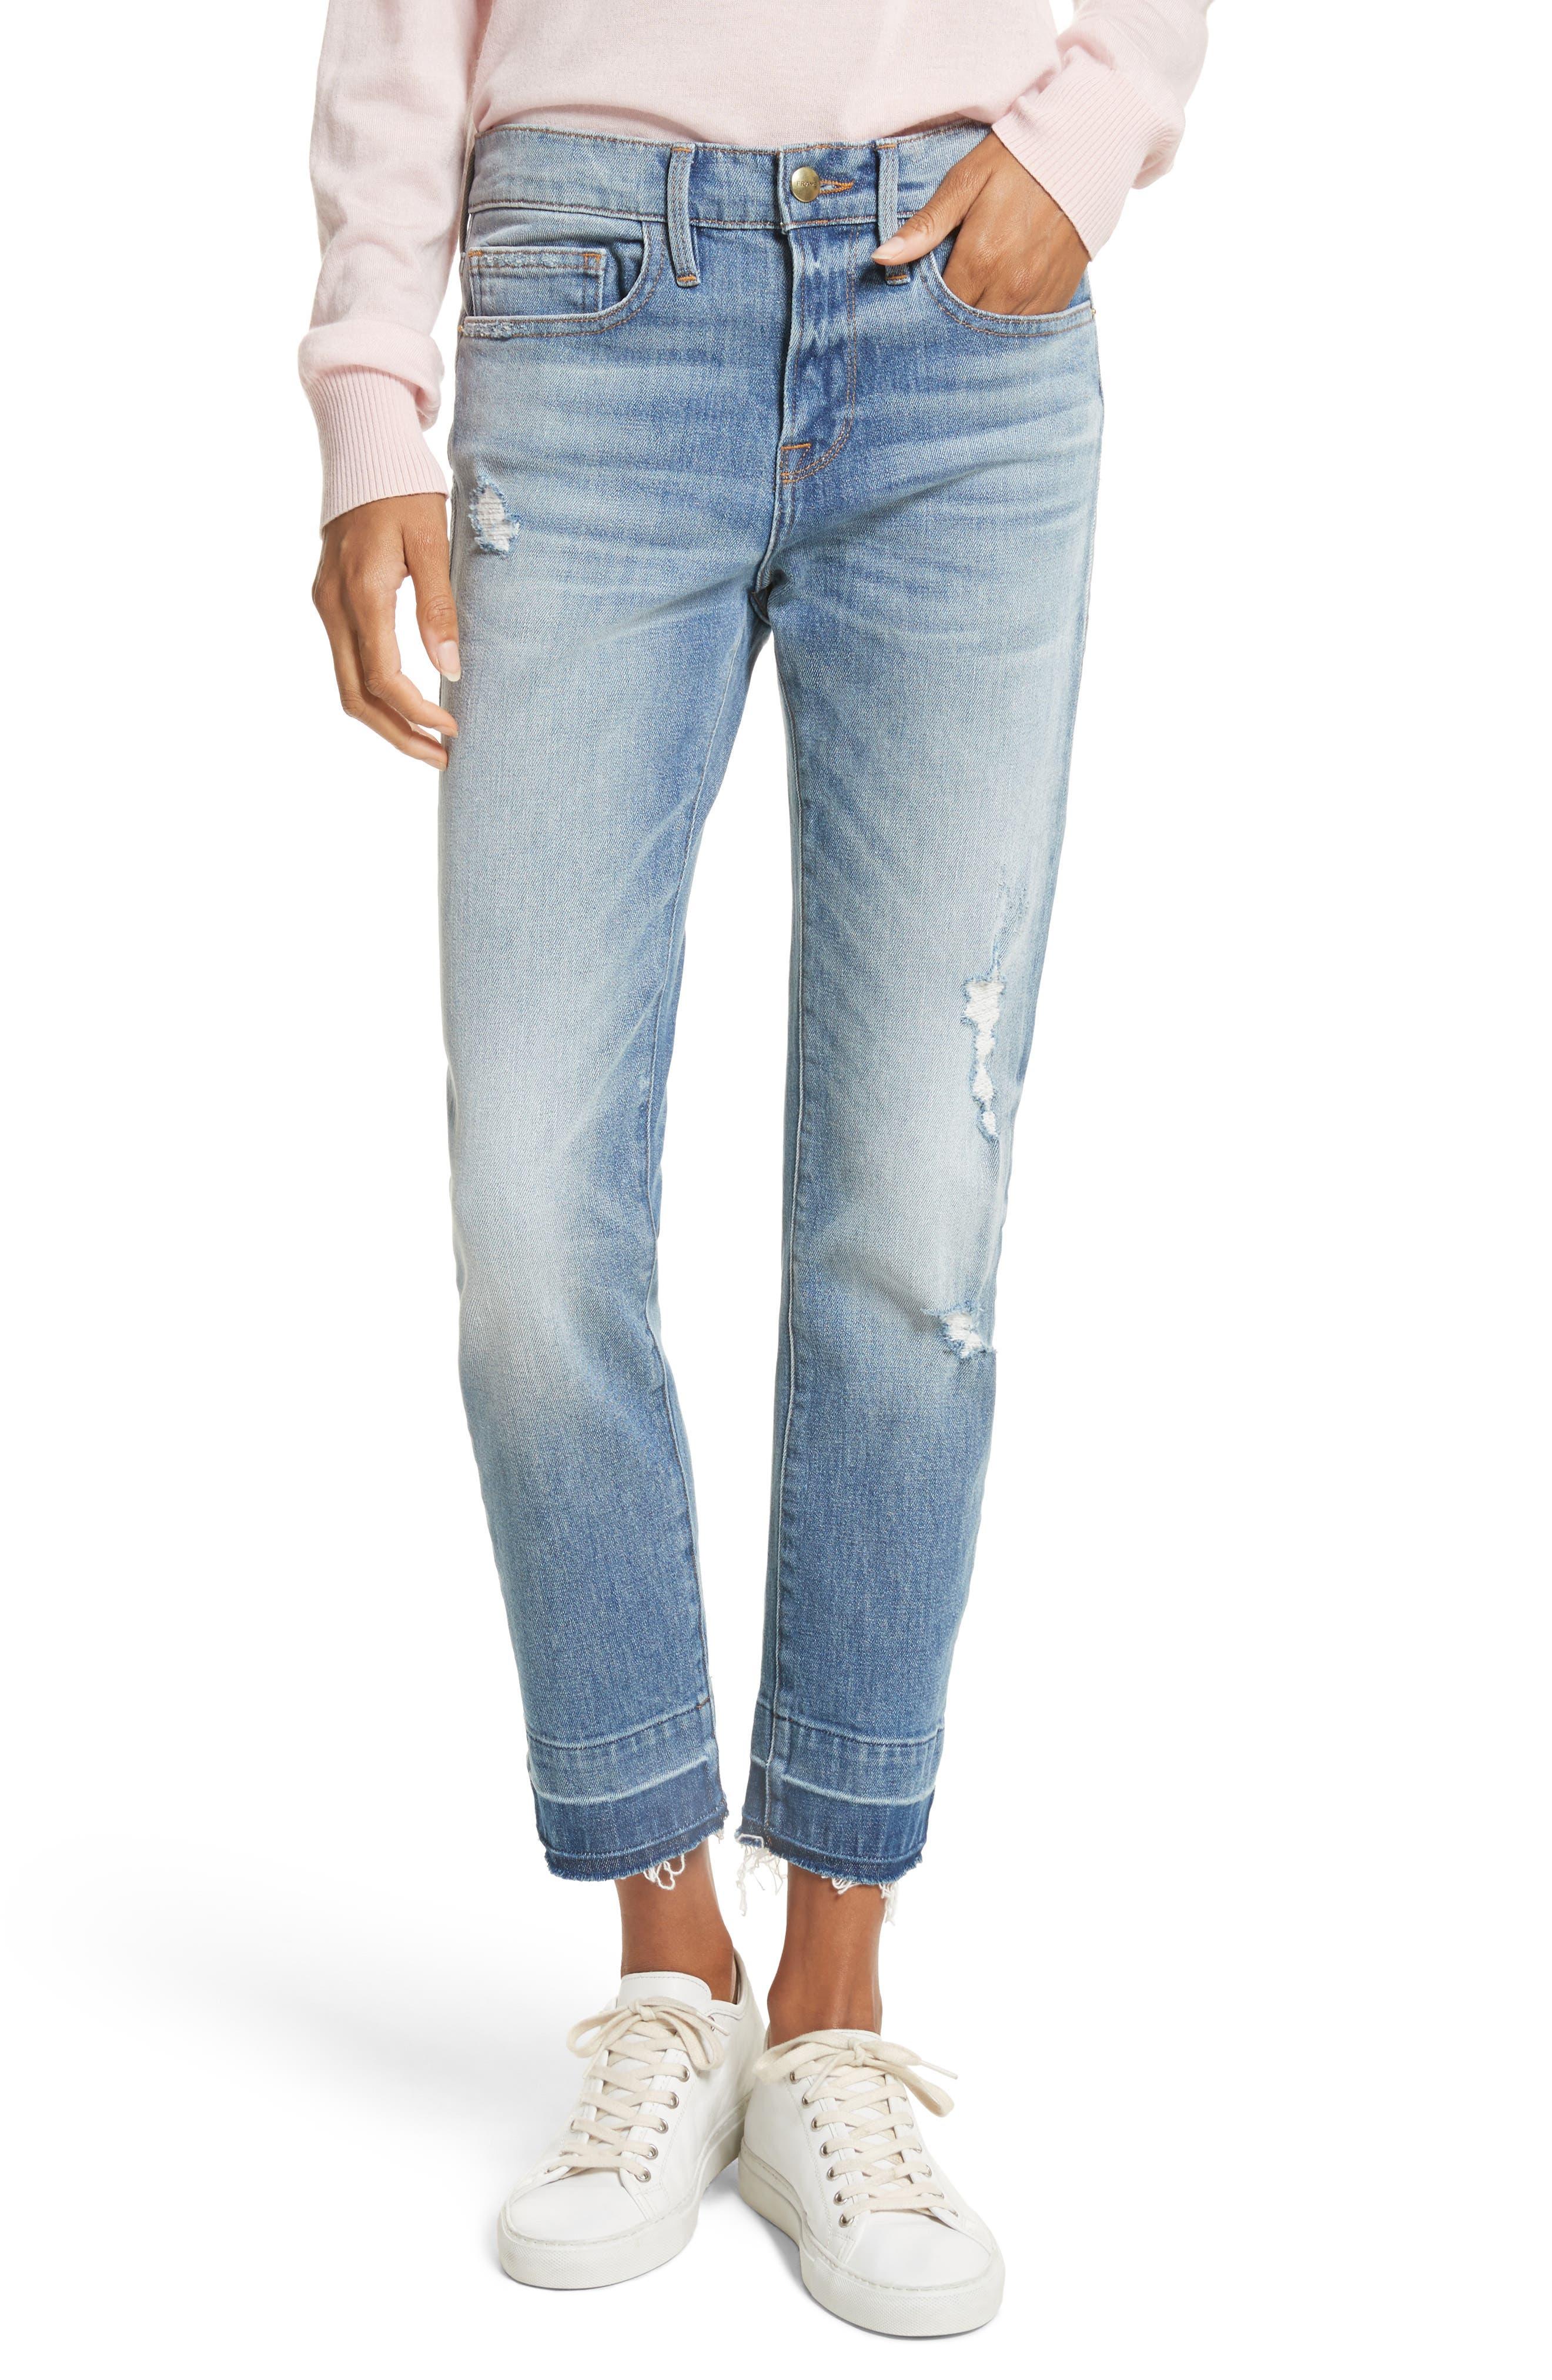 Le Boy Ripped High Waist Jeans,                         Main,                         color, Klinedale